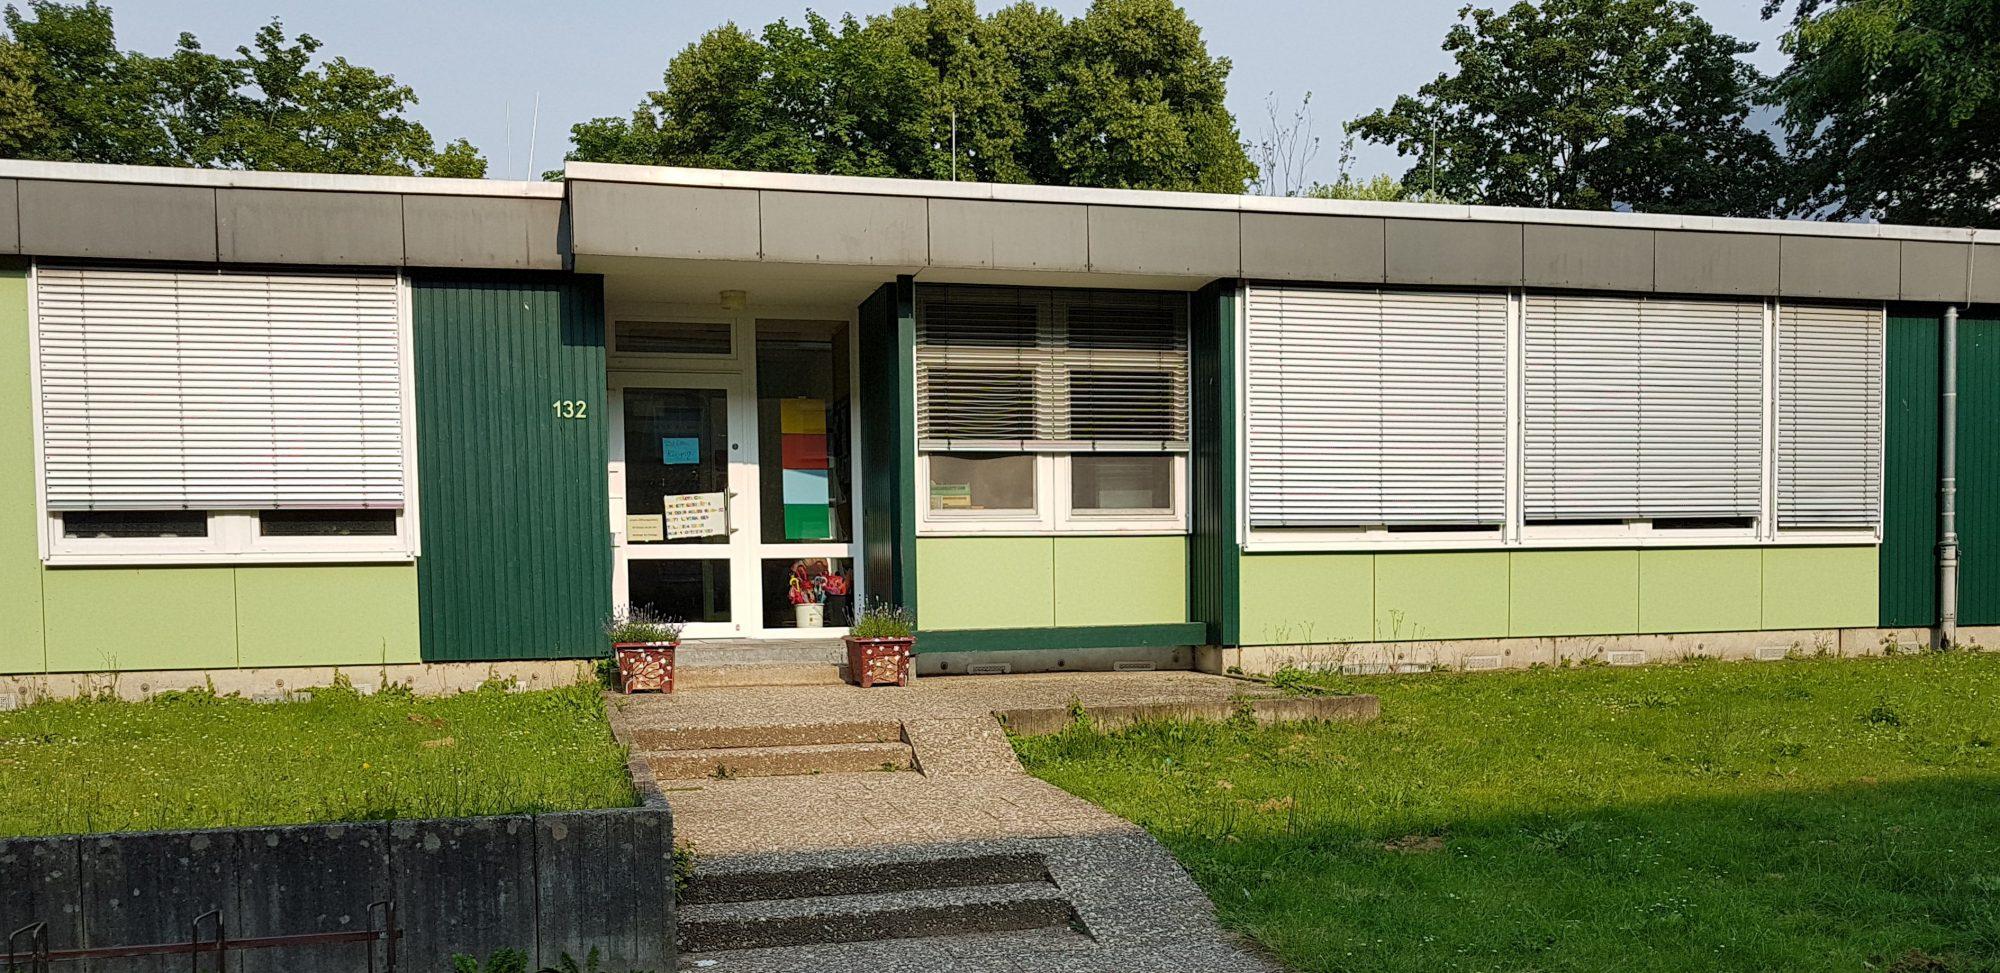 Förderverein der Kindertagesstätte Theodor-Heuss-Ring 132 e.V.